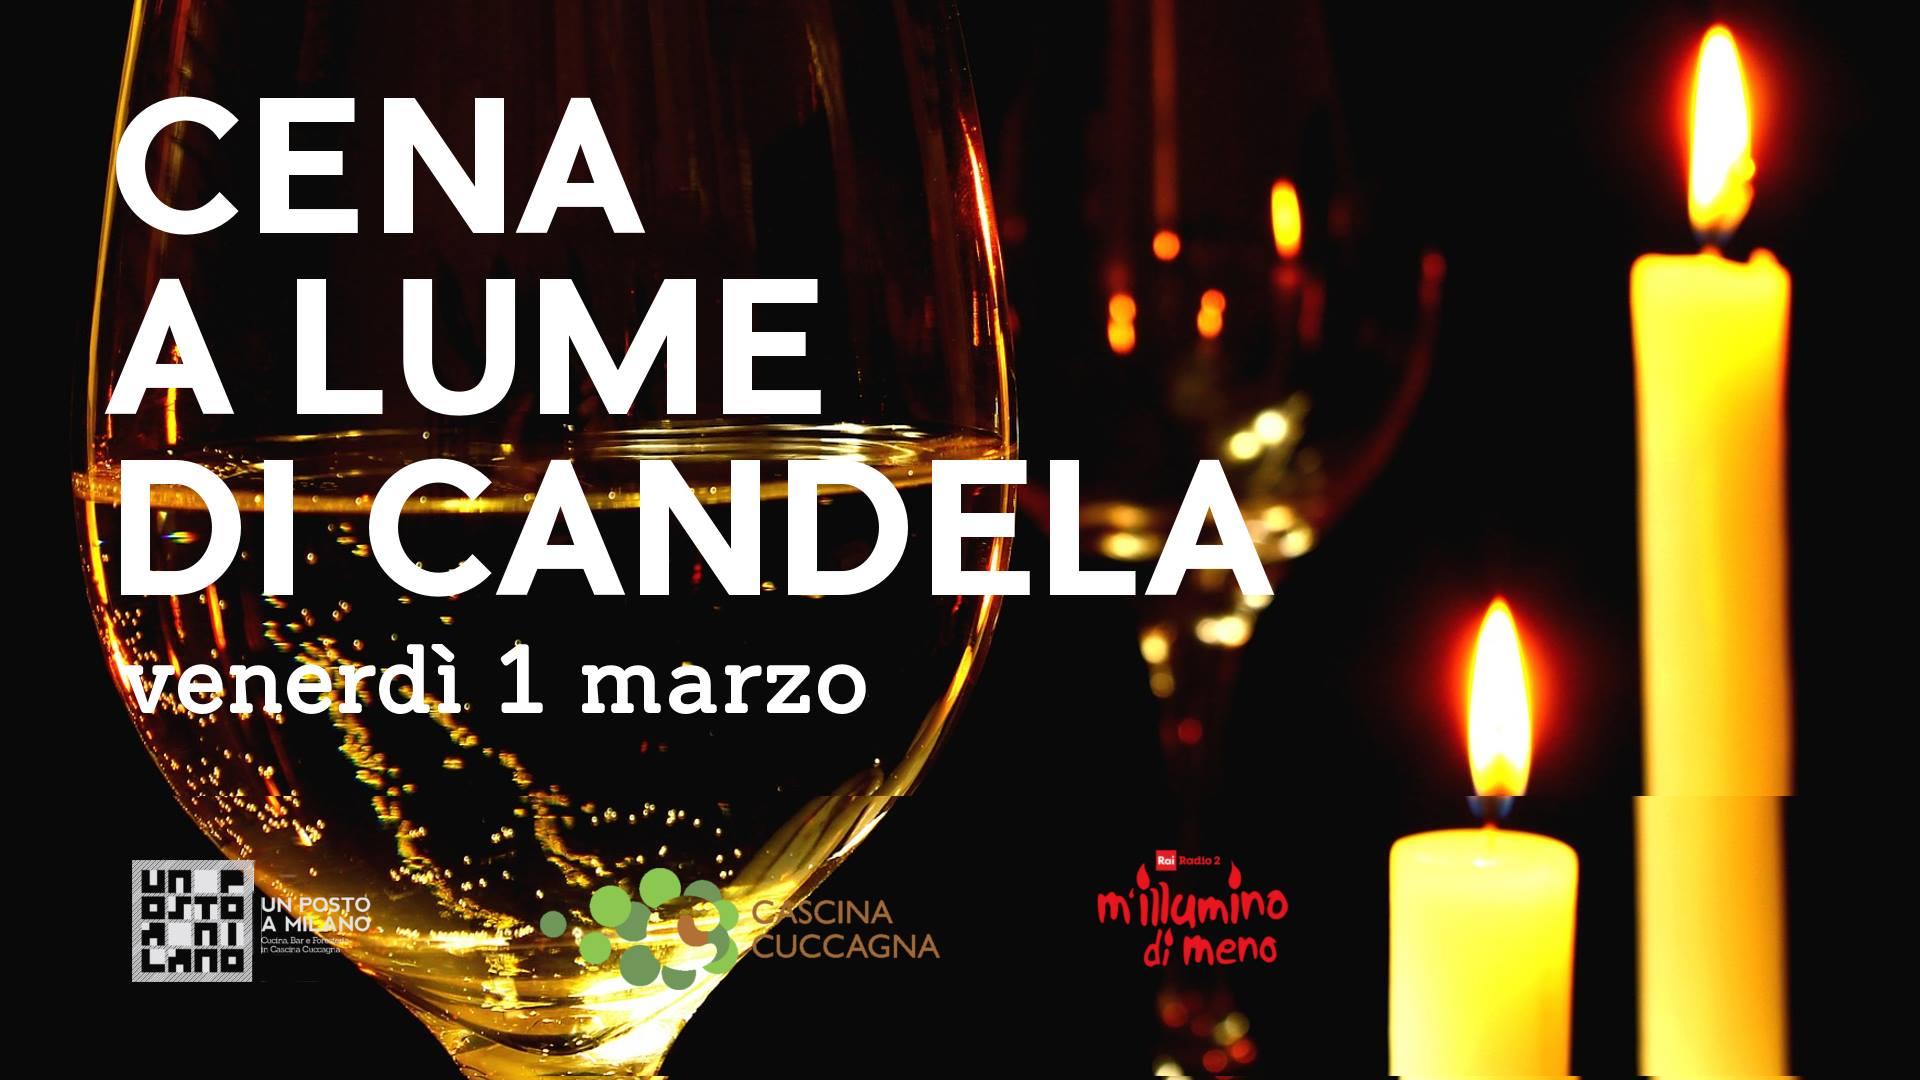 Candele Da Giardino Milano : Il primo marzo per m illumino di meno un posto a milano propone